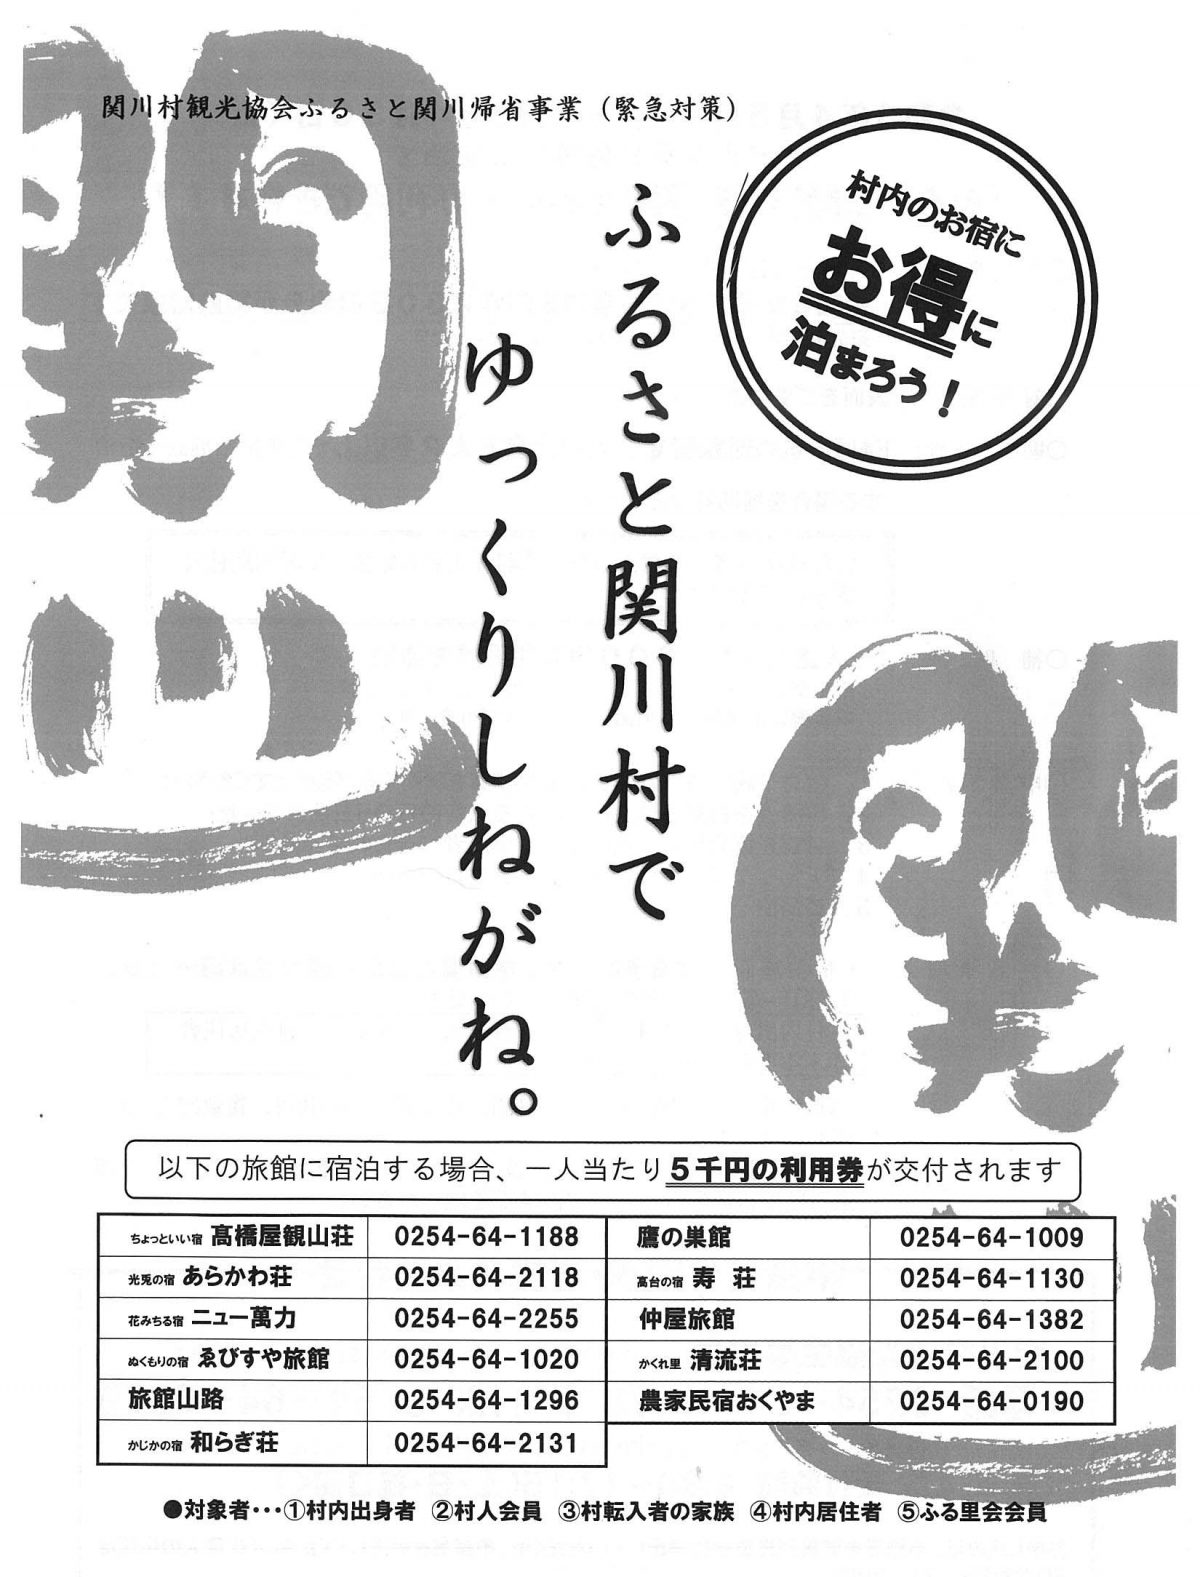 関川村の宿泊施設が5,000円引きで泊まれる!!ふるさと関川帰省事業スタート♪